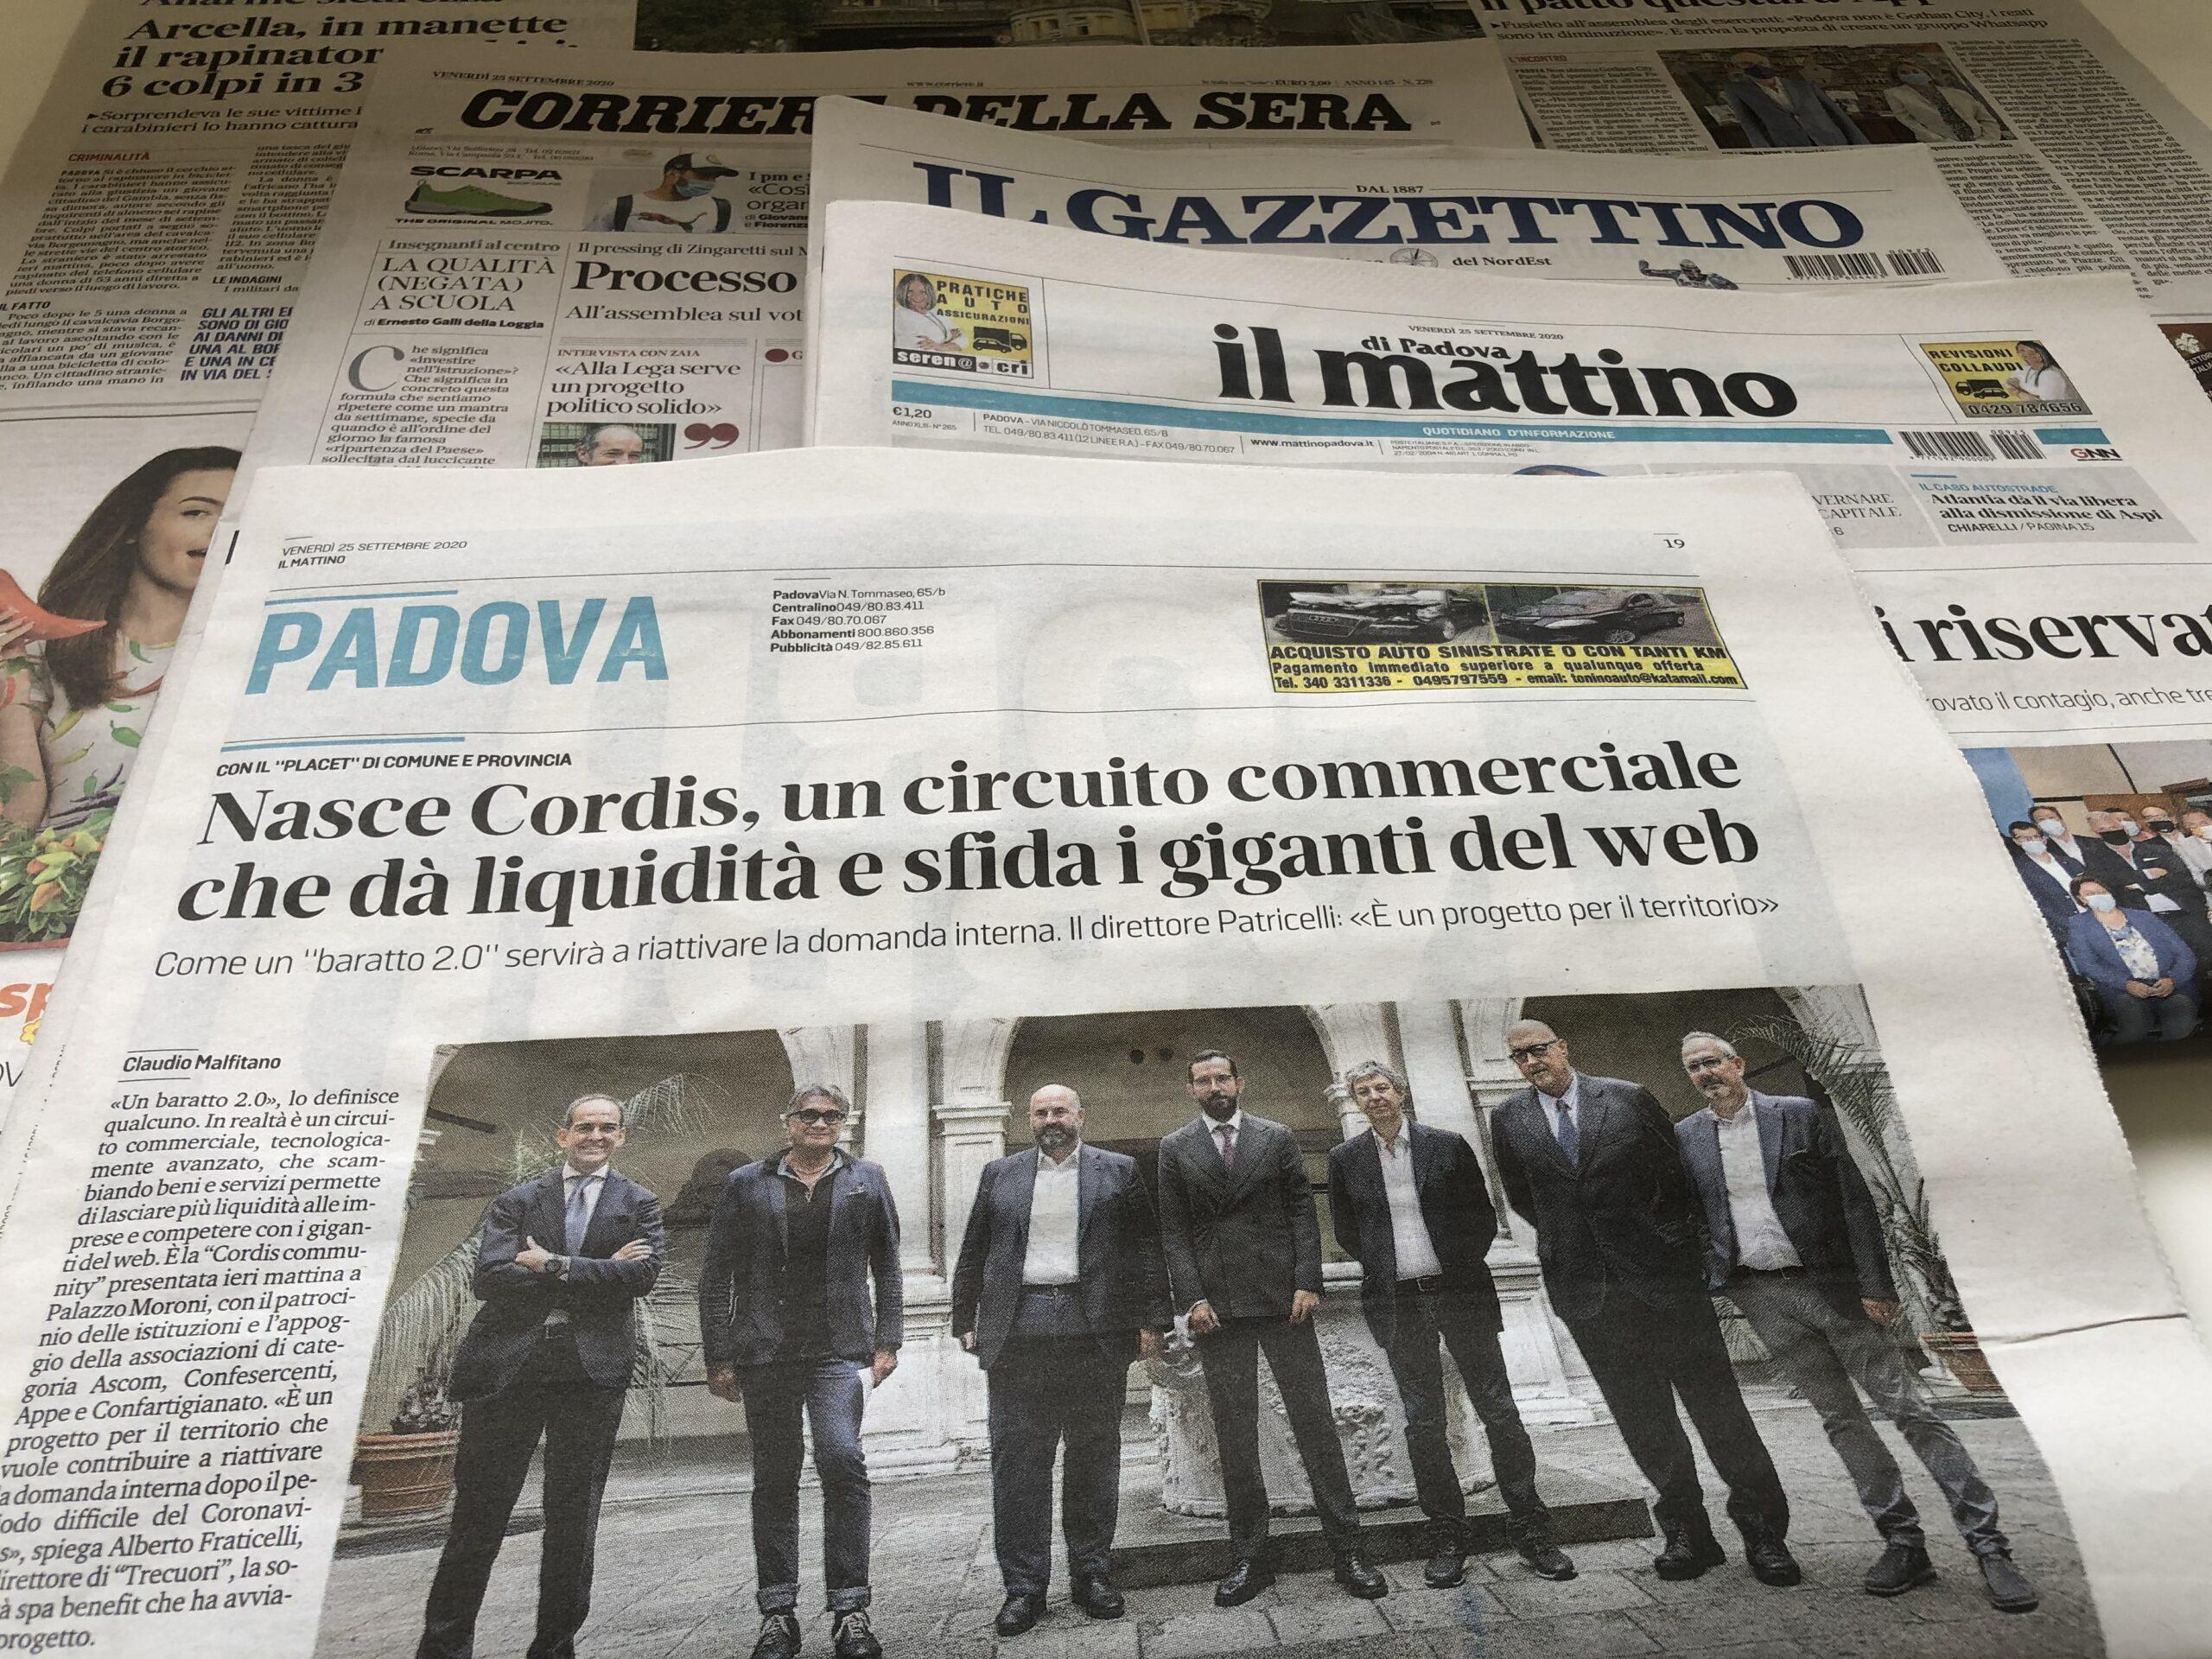 CORRIERE DEL VENETO – Cordis, moneta virtuale per rilanciare consumi e imprese